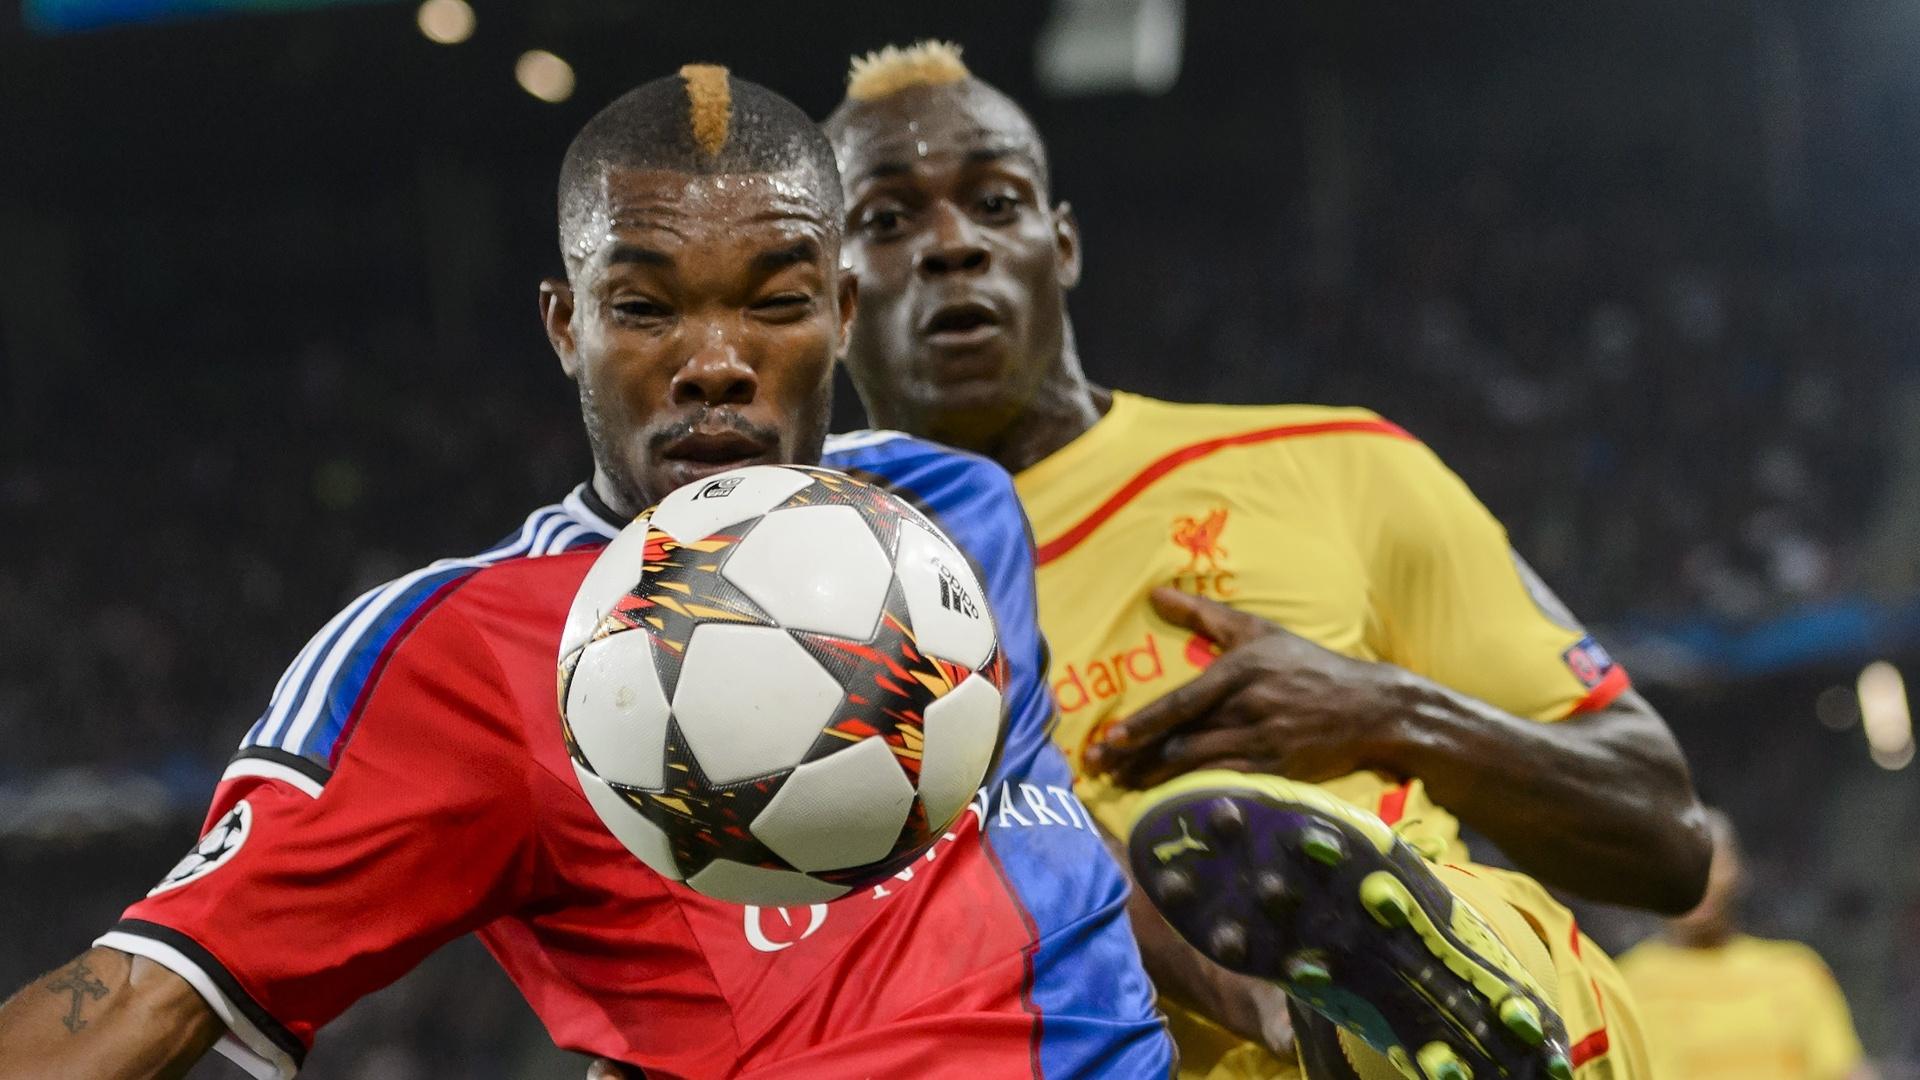 Die, do Basel, protege a bola de Balotelli, do Liverpool, durante jogo da Liga dos Campeões